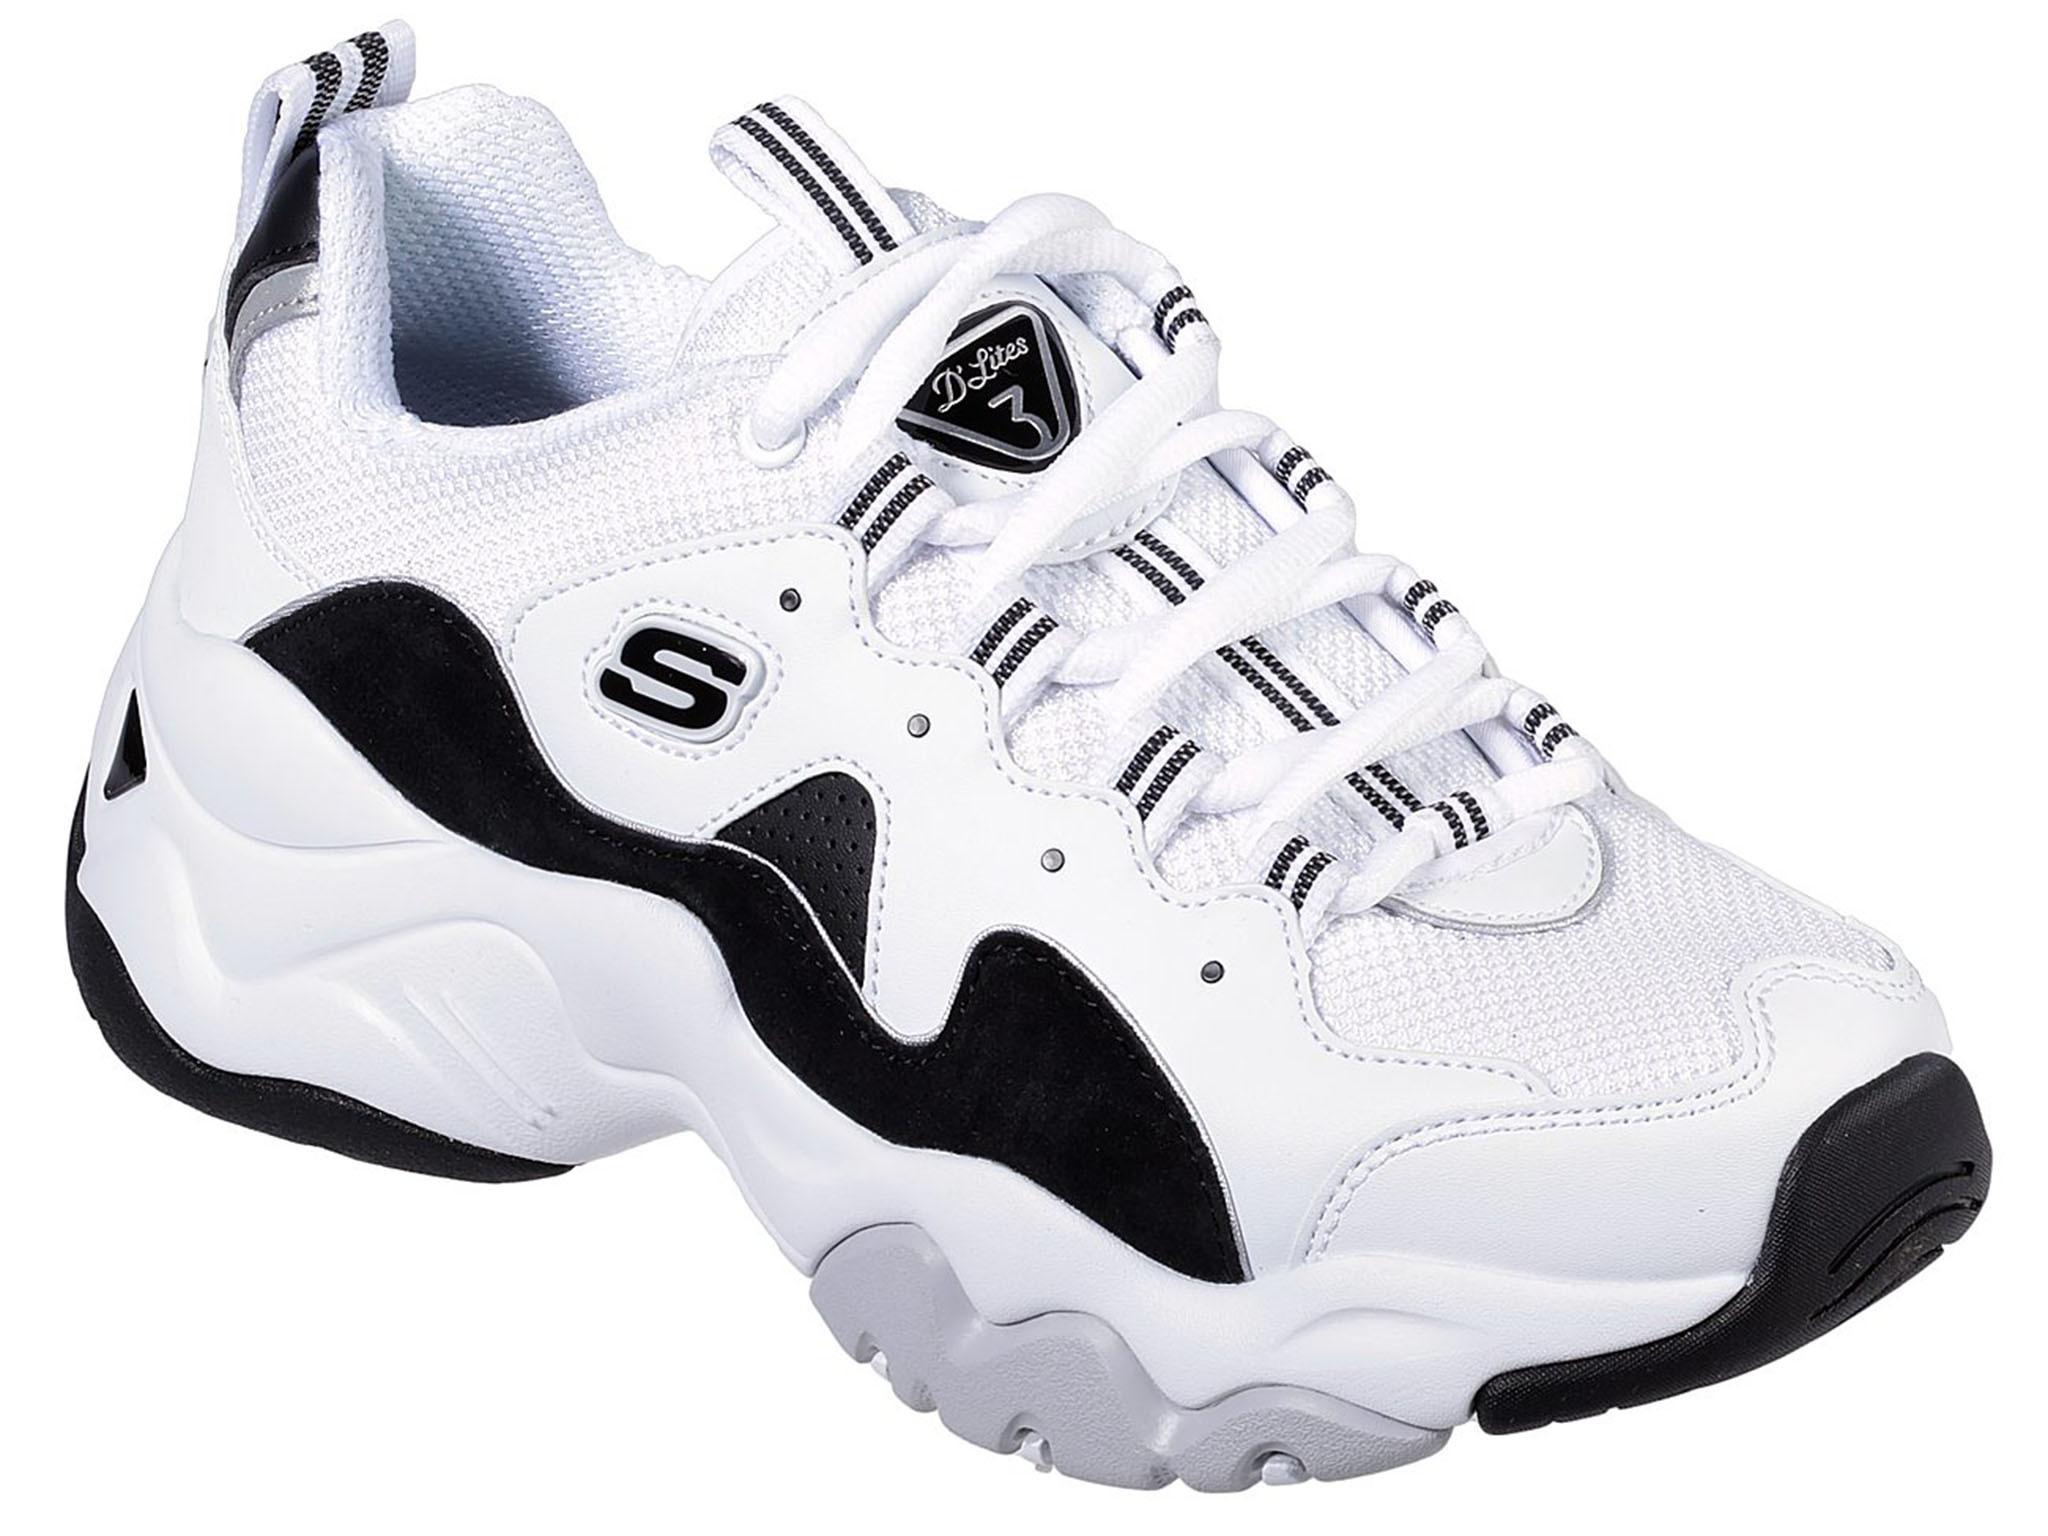 Los Ugly sneakers de Skechers, la opción económica de esta tendencia